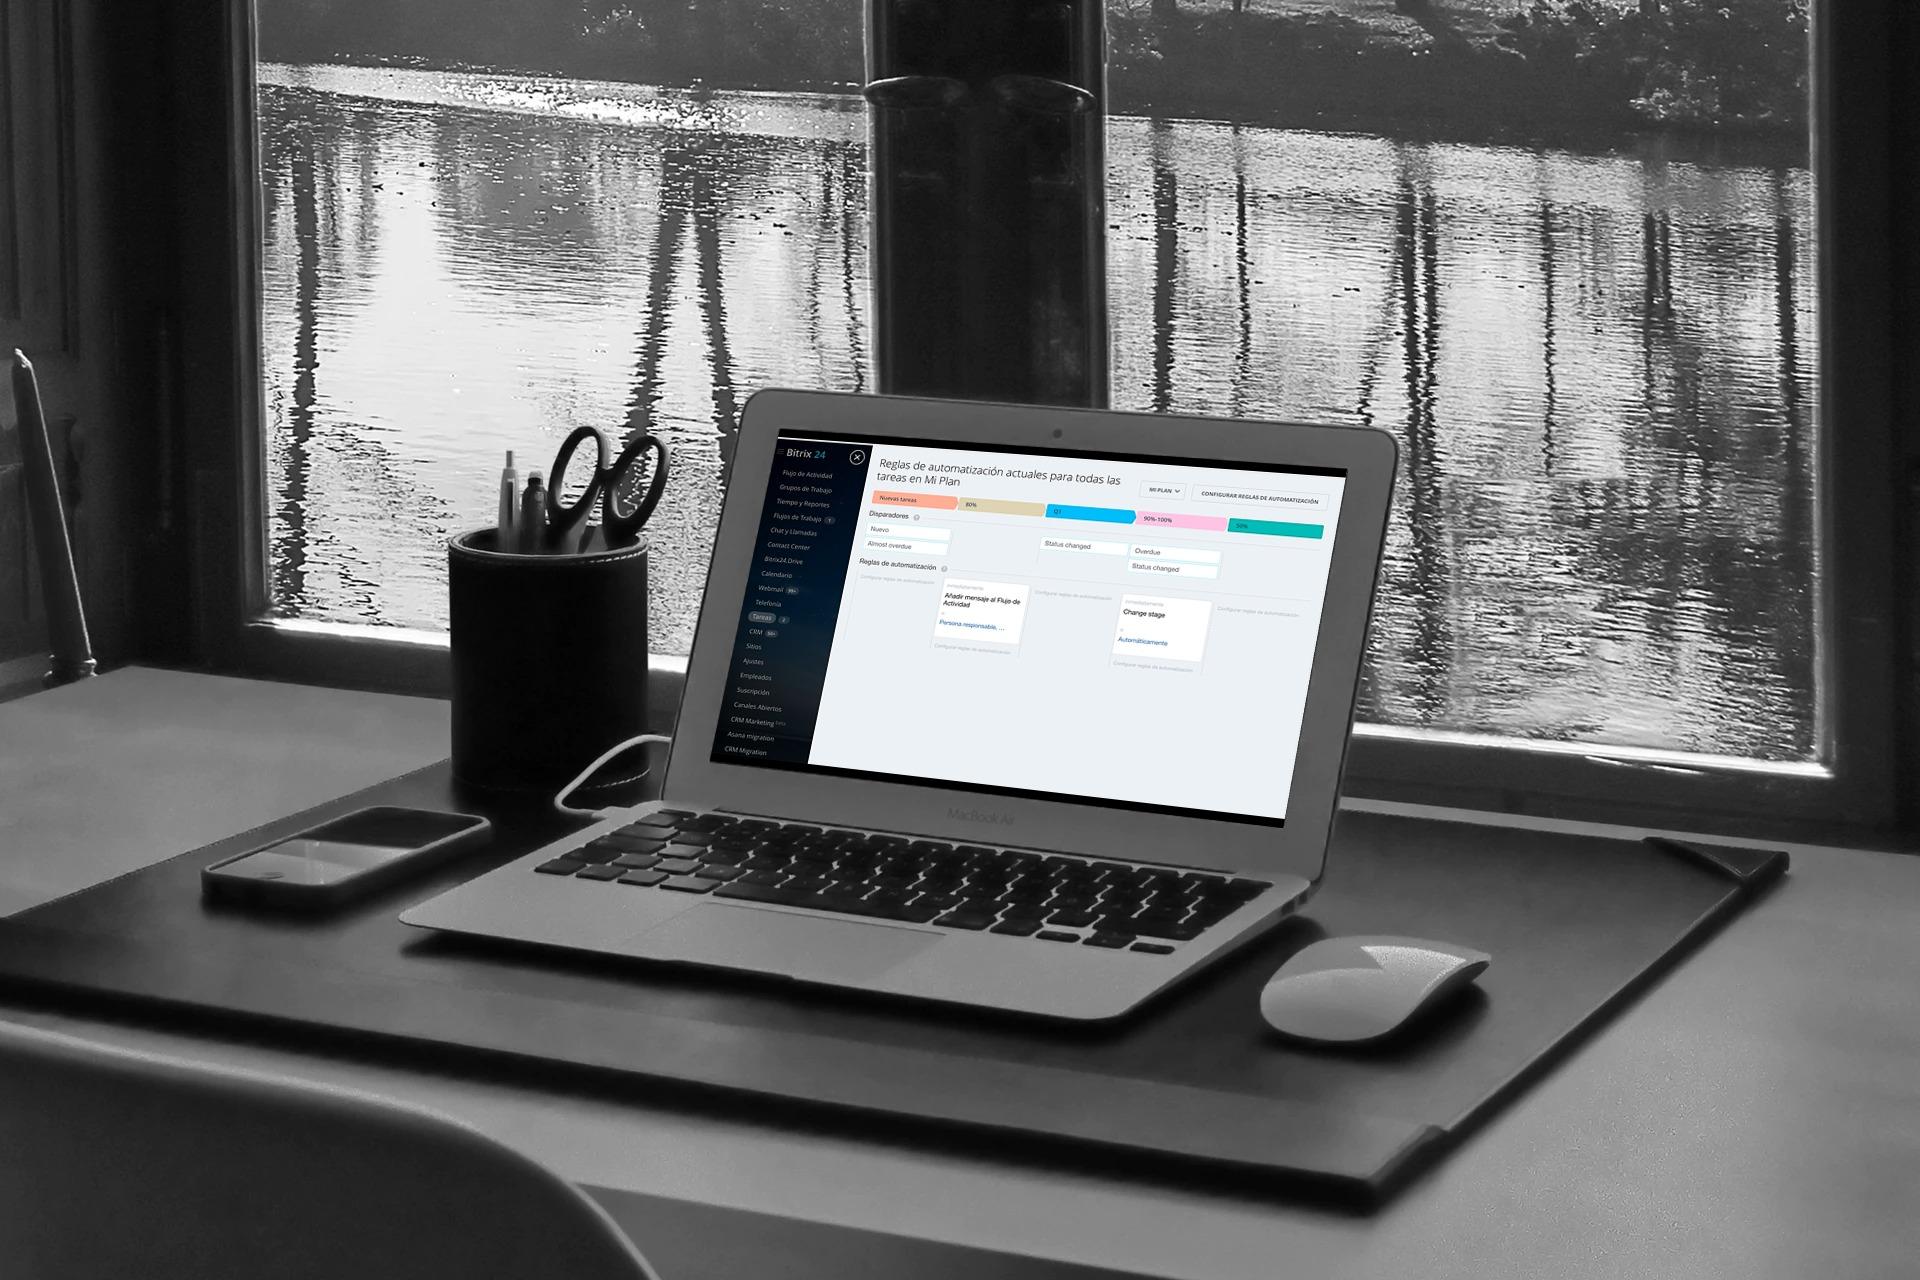 ¡Ahora también puedes automatizar tus tareas!